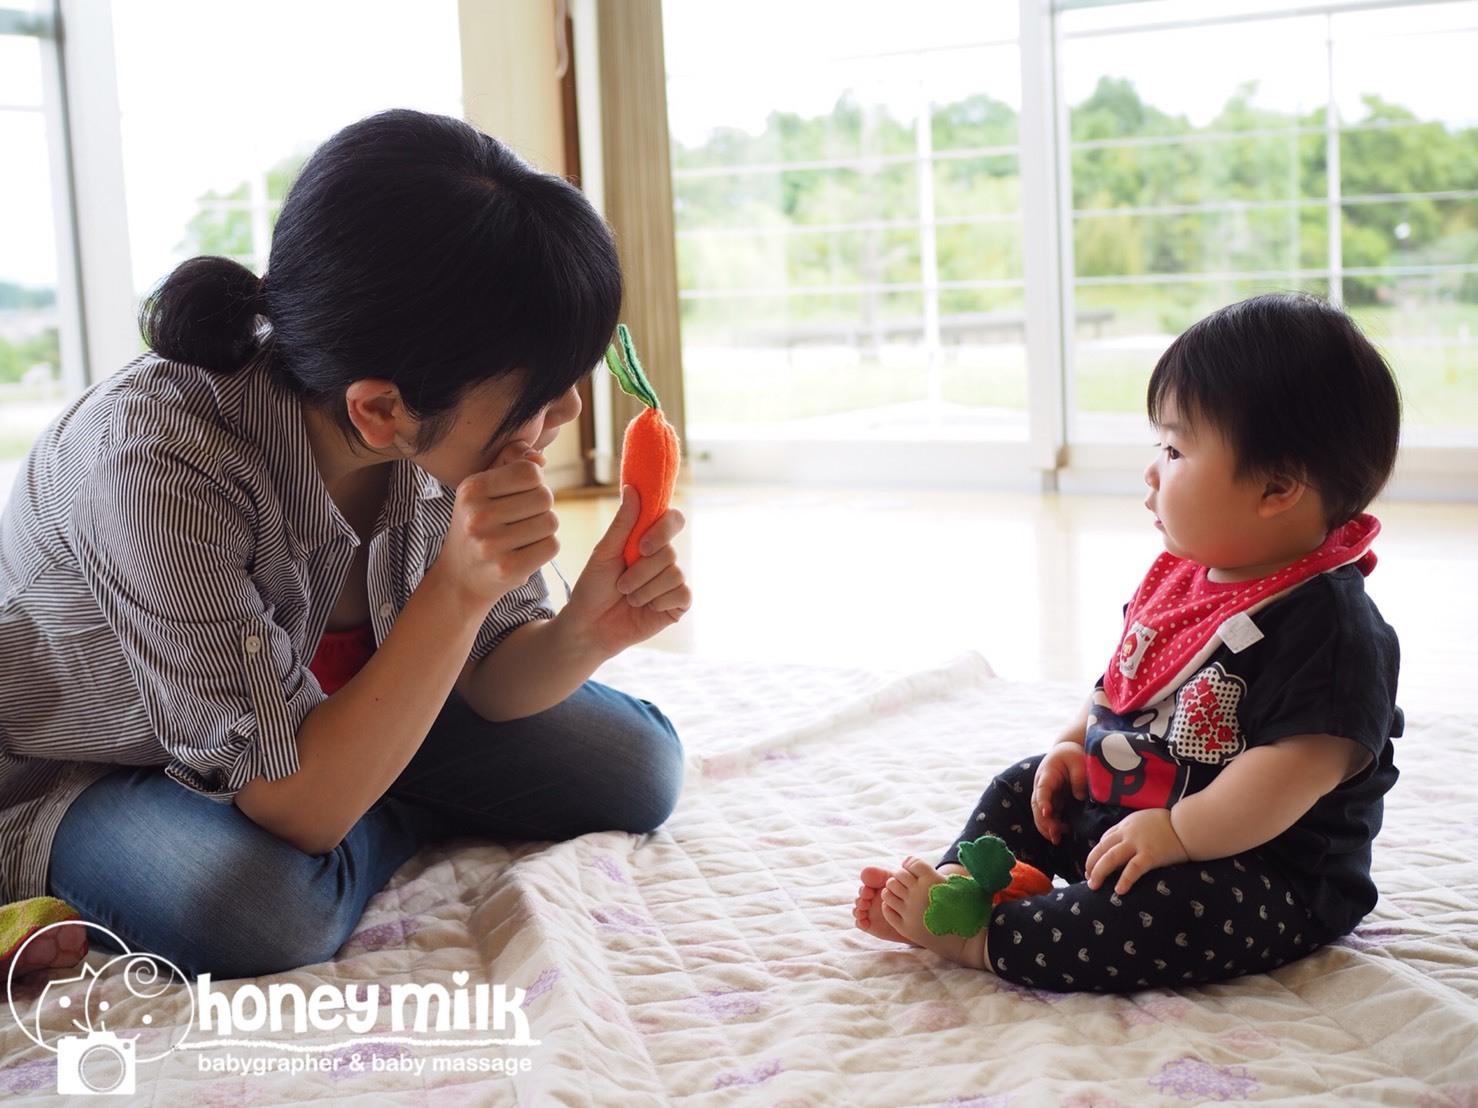 赤ちゃんとママのファーストサイン♪_e0120789_13343172.jpg